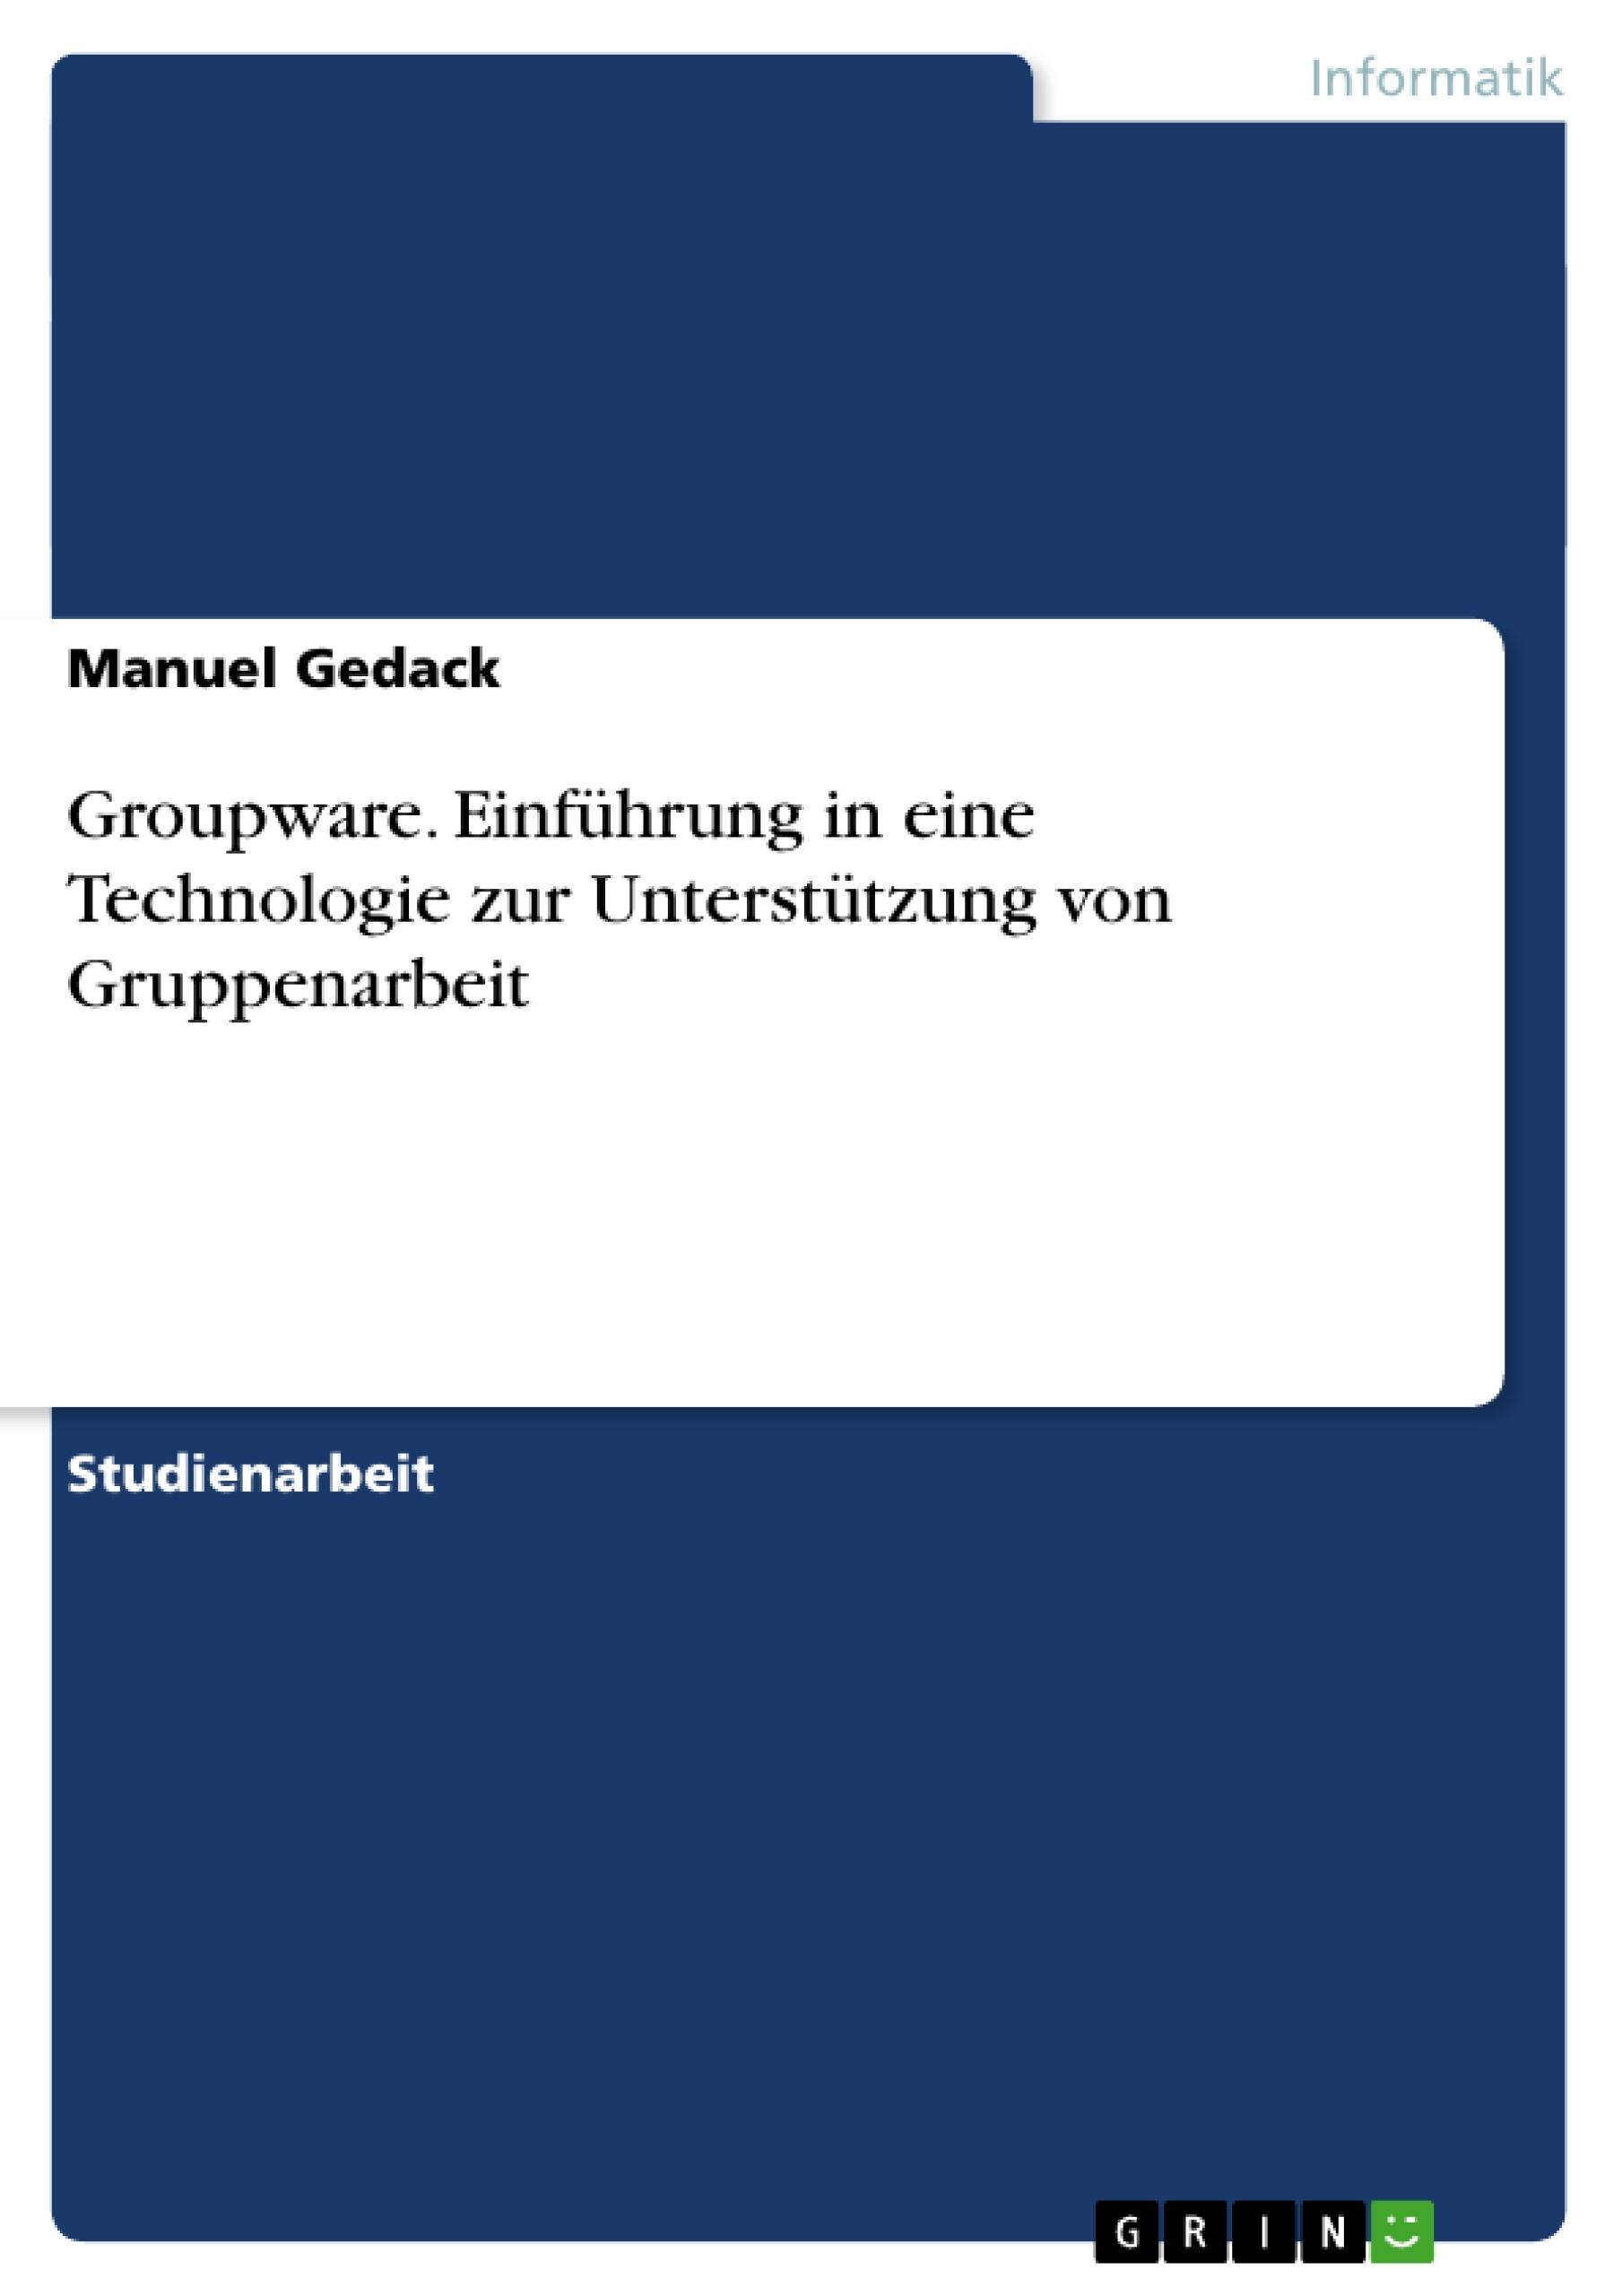 Titel: Groupware. Einführung in eine Technologie zur Unterstützung von Gruppenarbeit